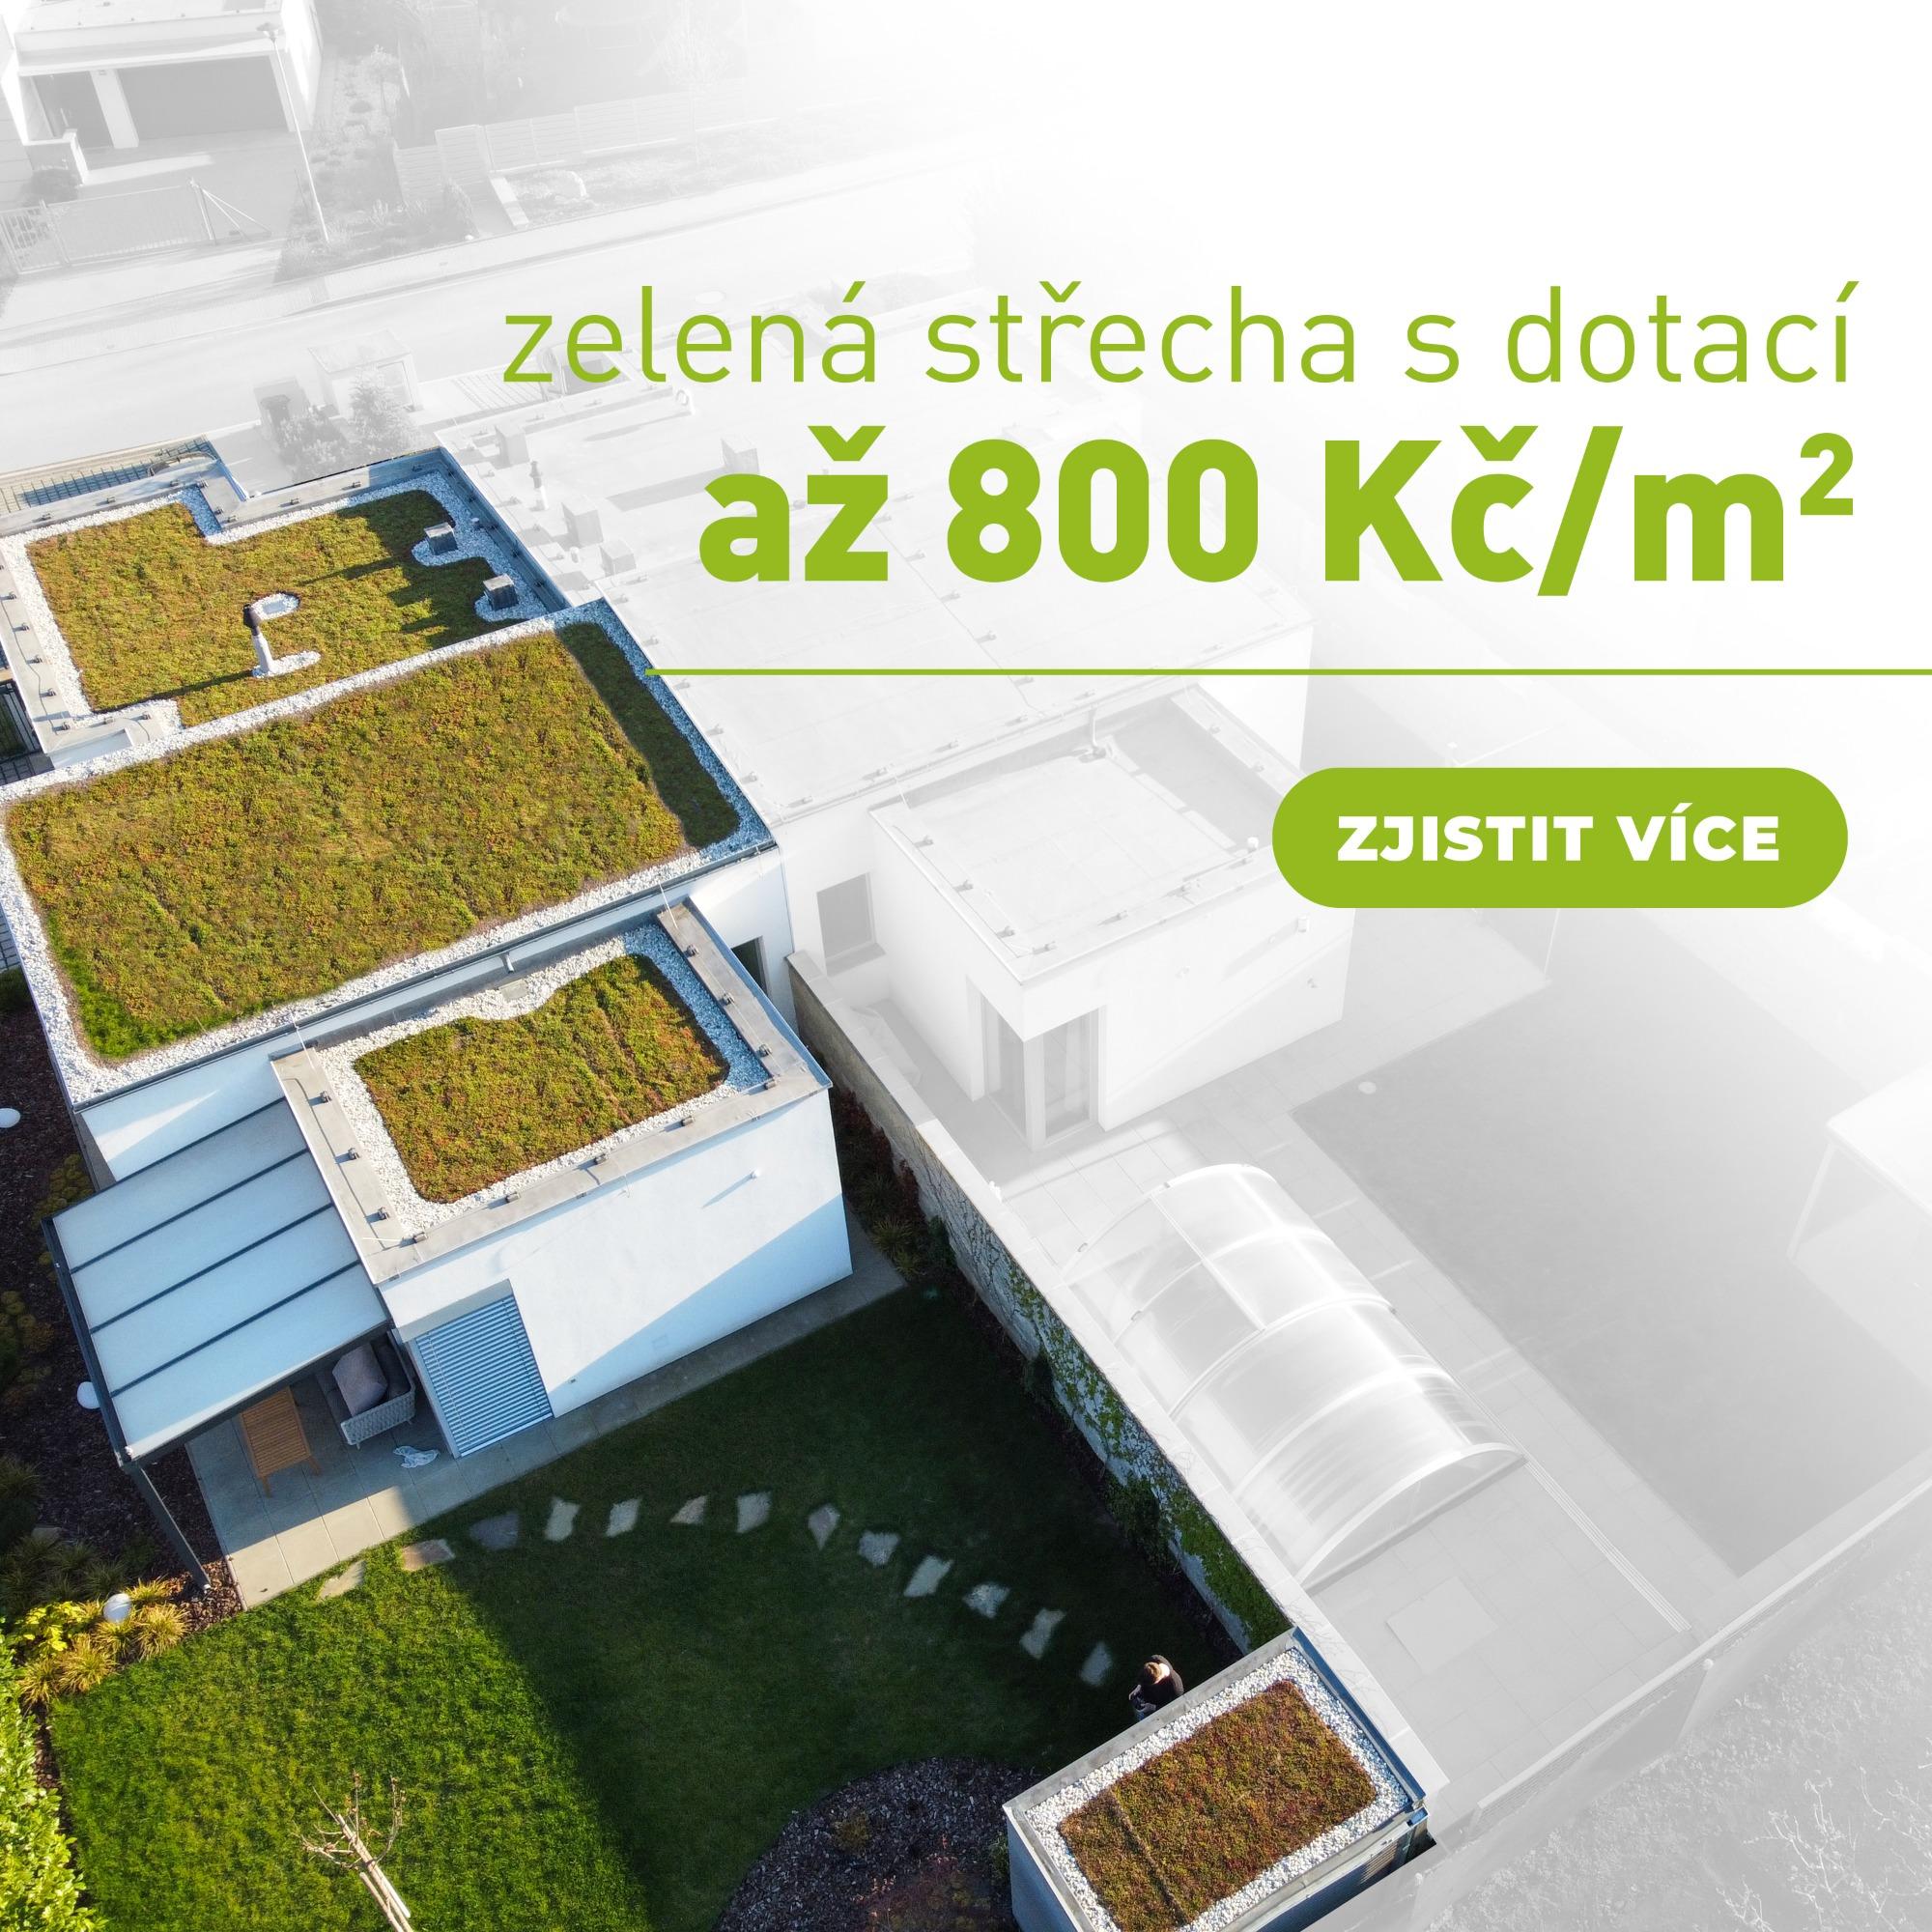 Dotace na zelené střechy!